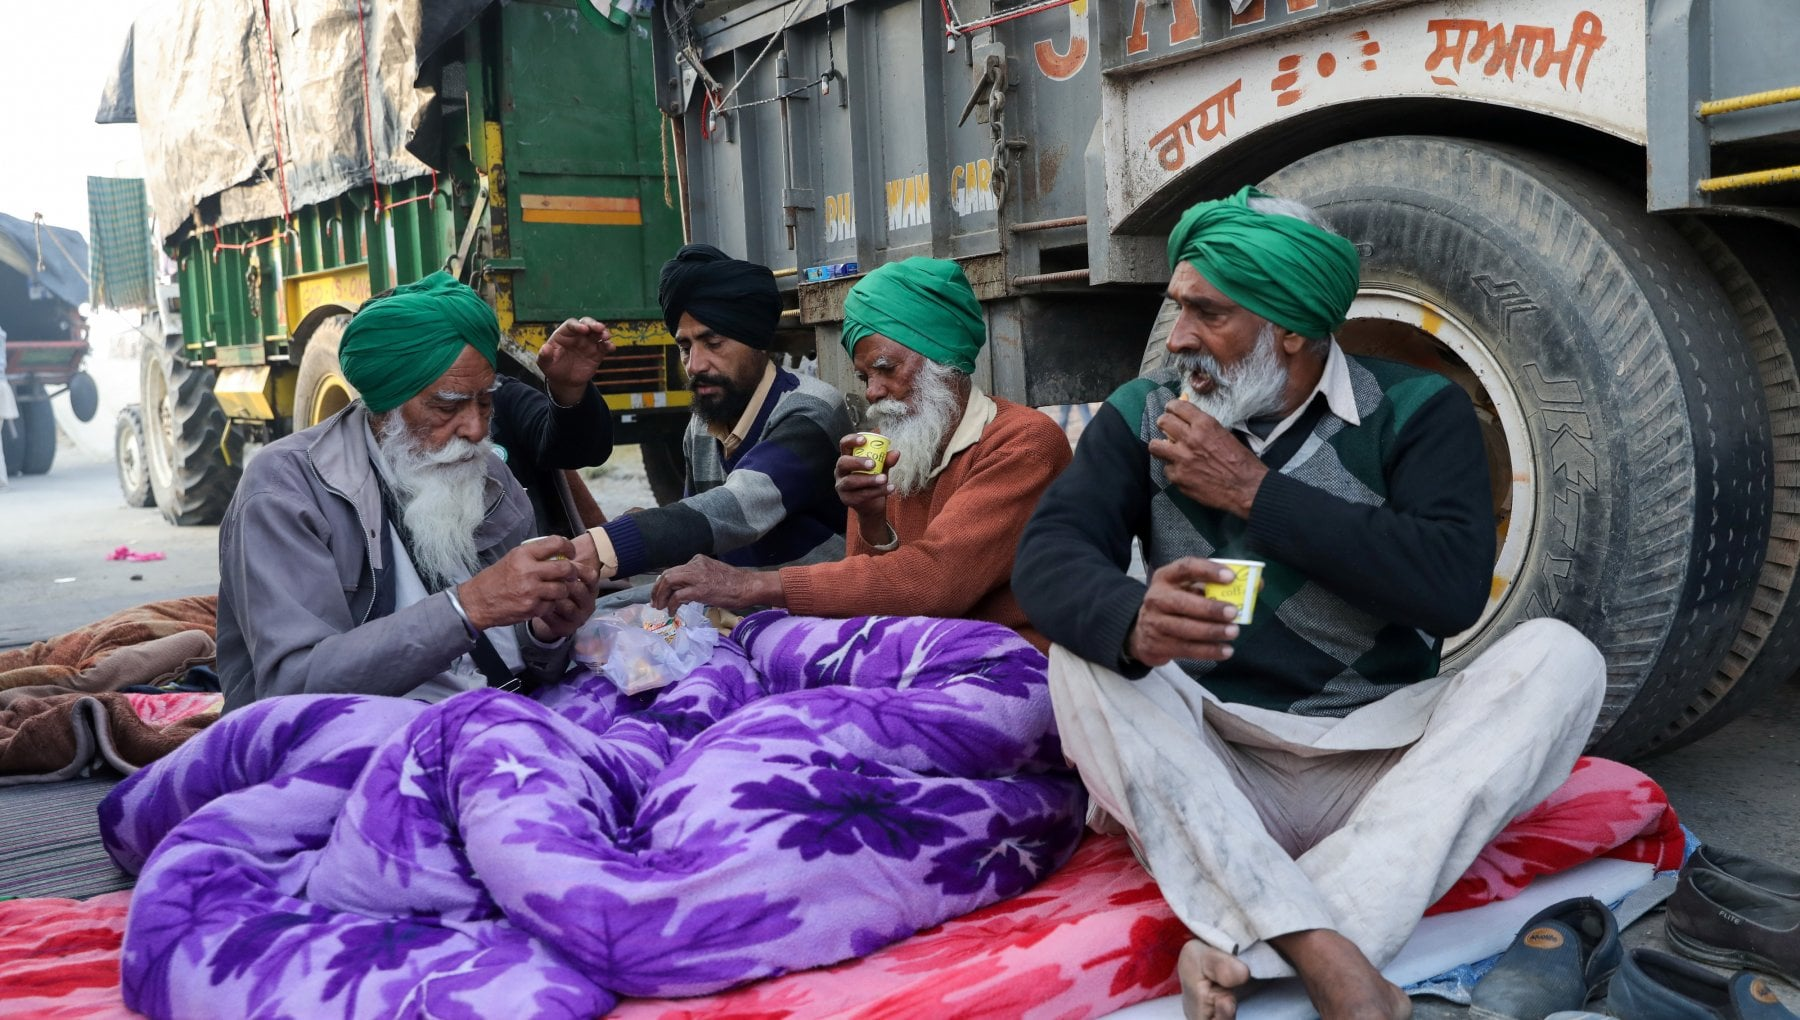 """181007100 e7142248 a88f 41f9 a5f9 211d9c693687 - India, contadini in rivolta contro la riforma di Modi: """"La liberalizzazione ci porta alla fame"""""""